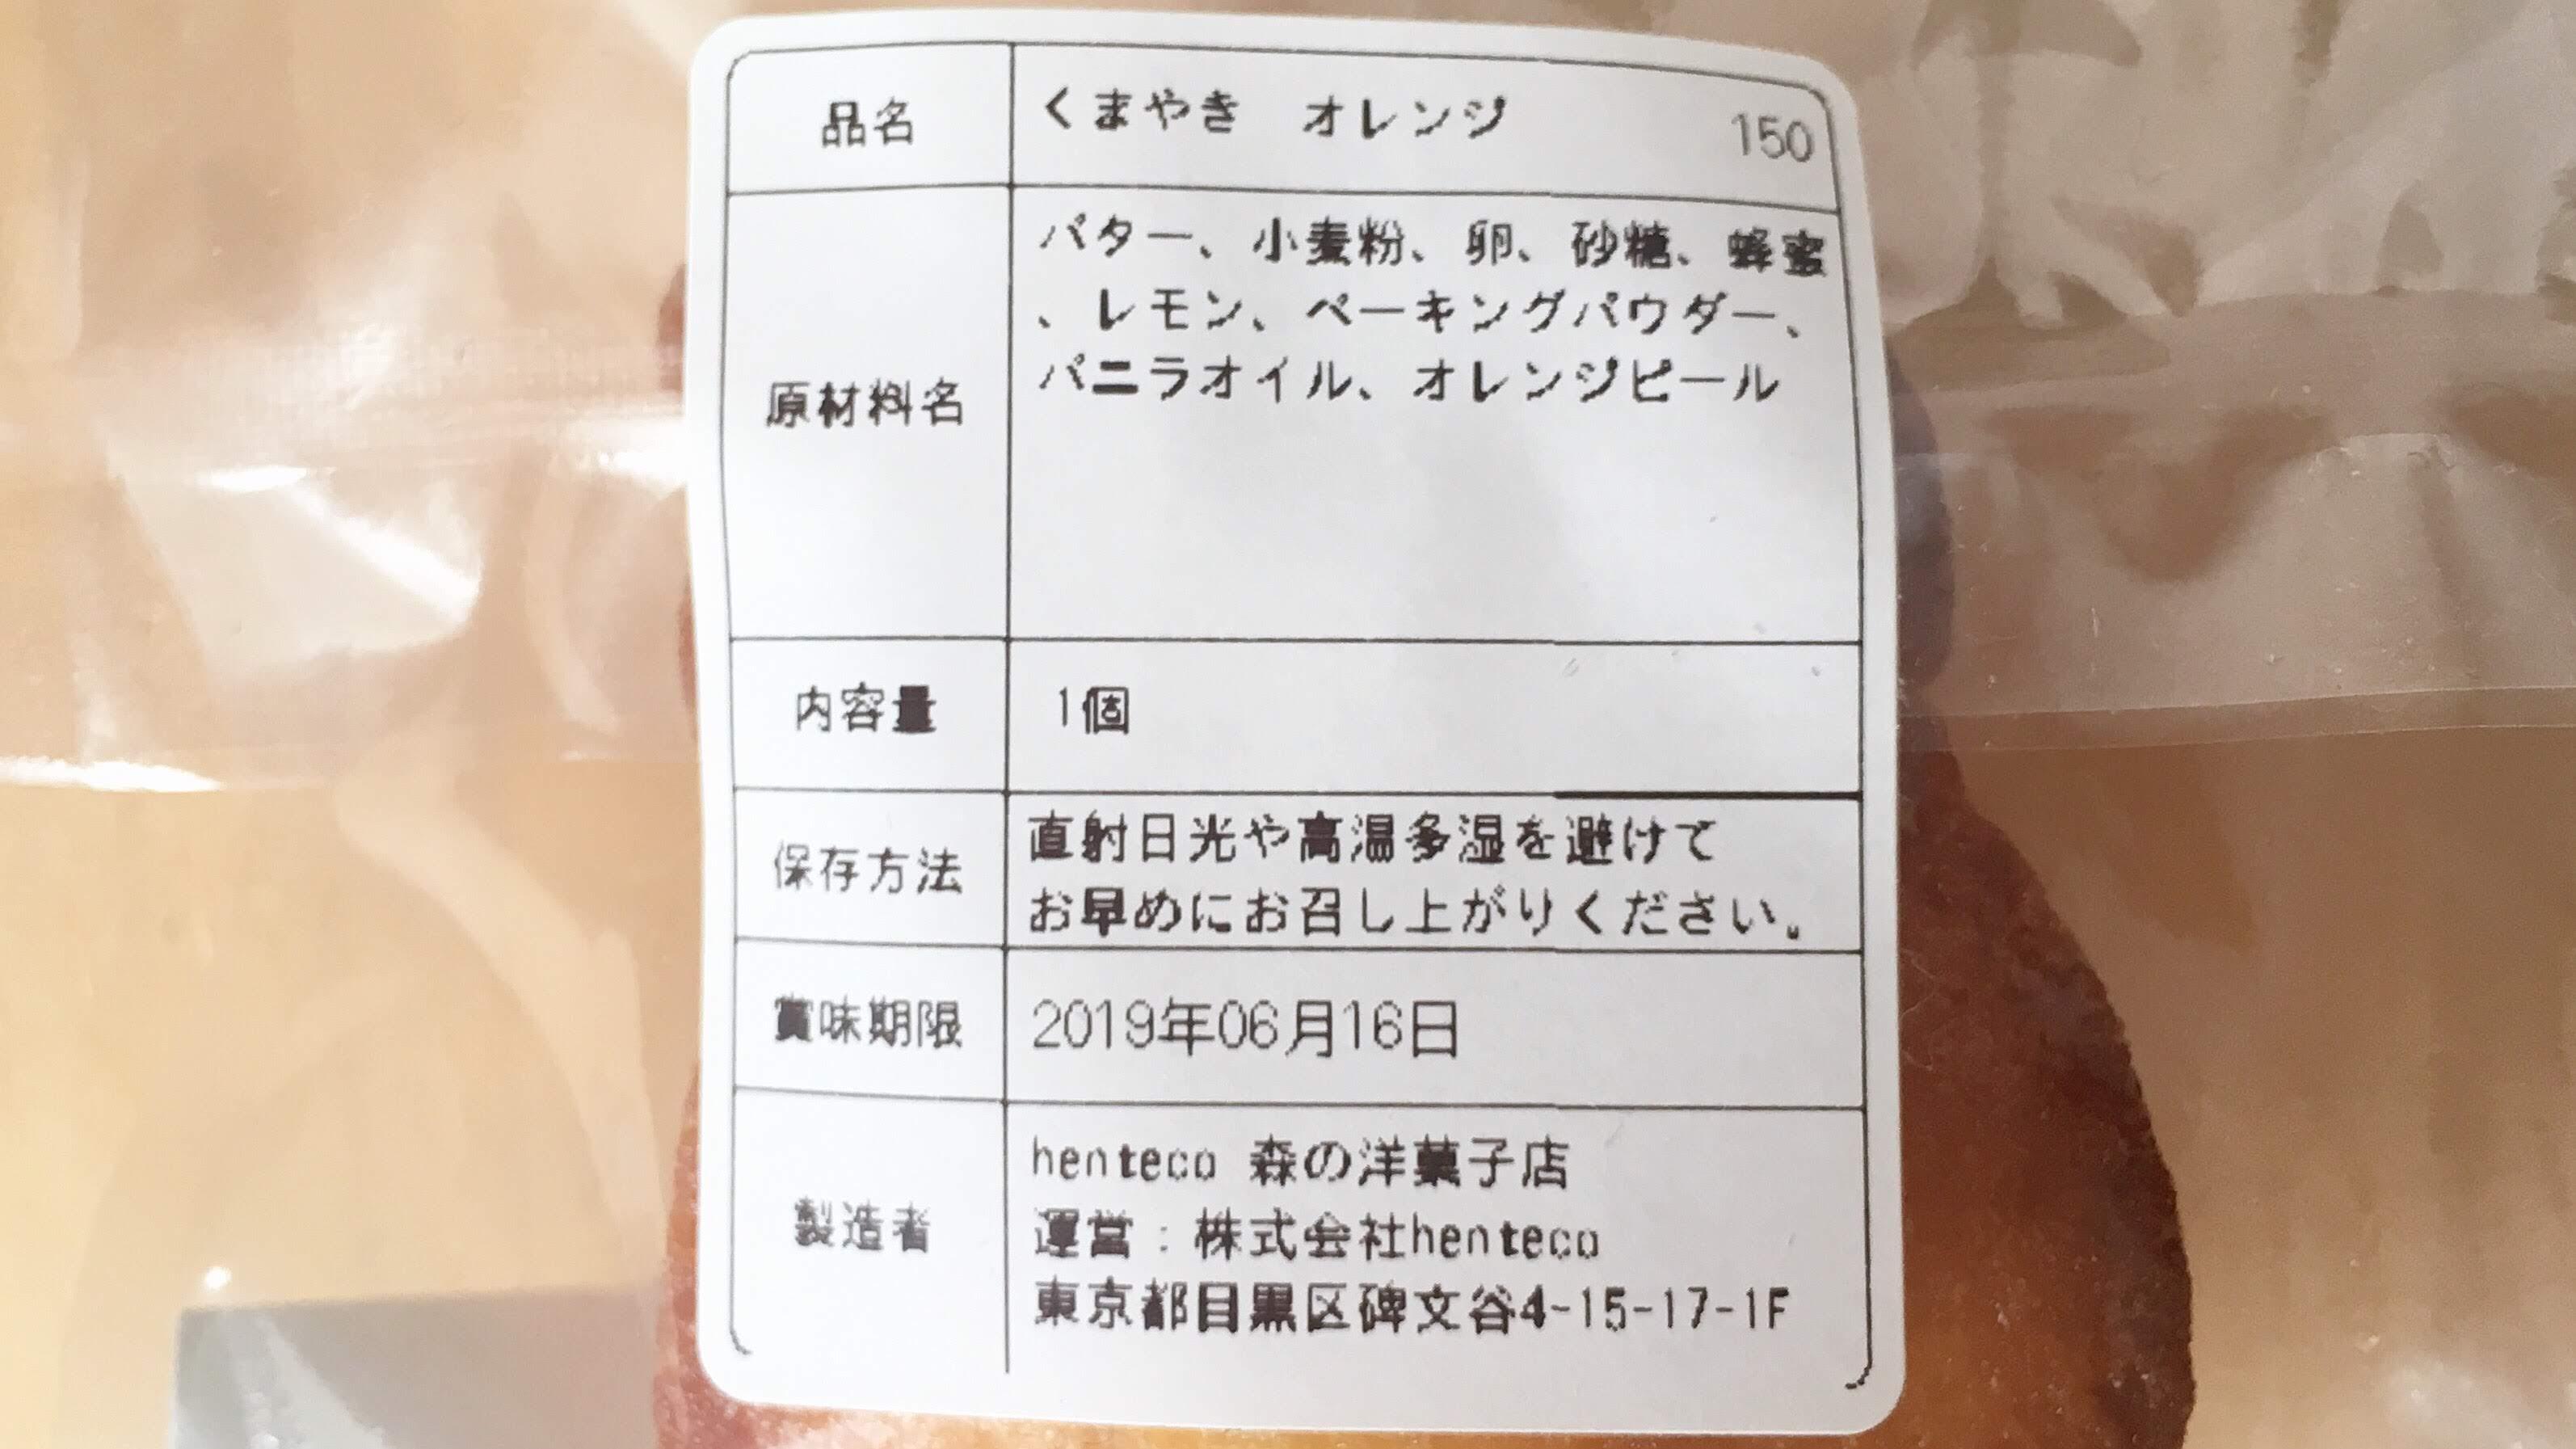 ヘンテコ森の洋菓子店のくまやきオレンジ味の製品表示と賞味期限